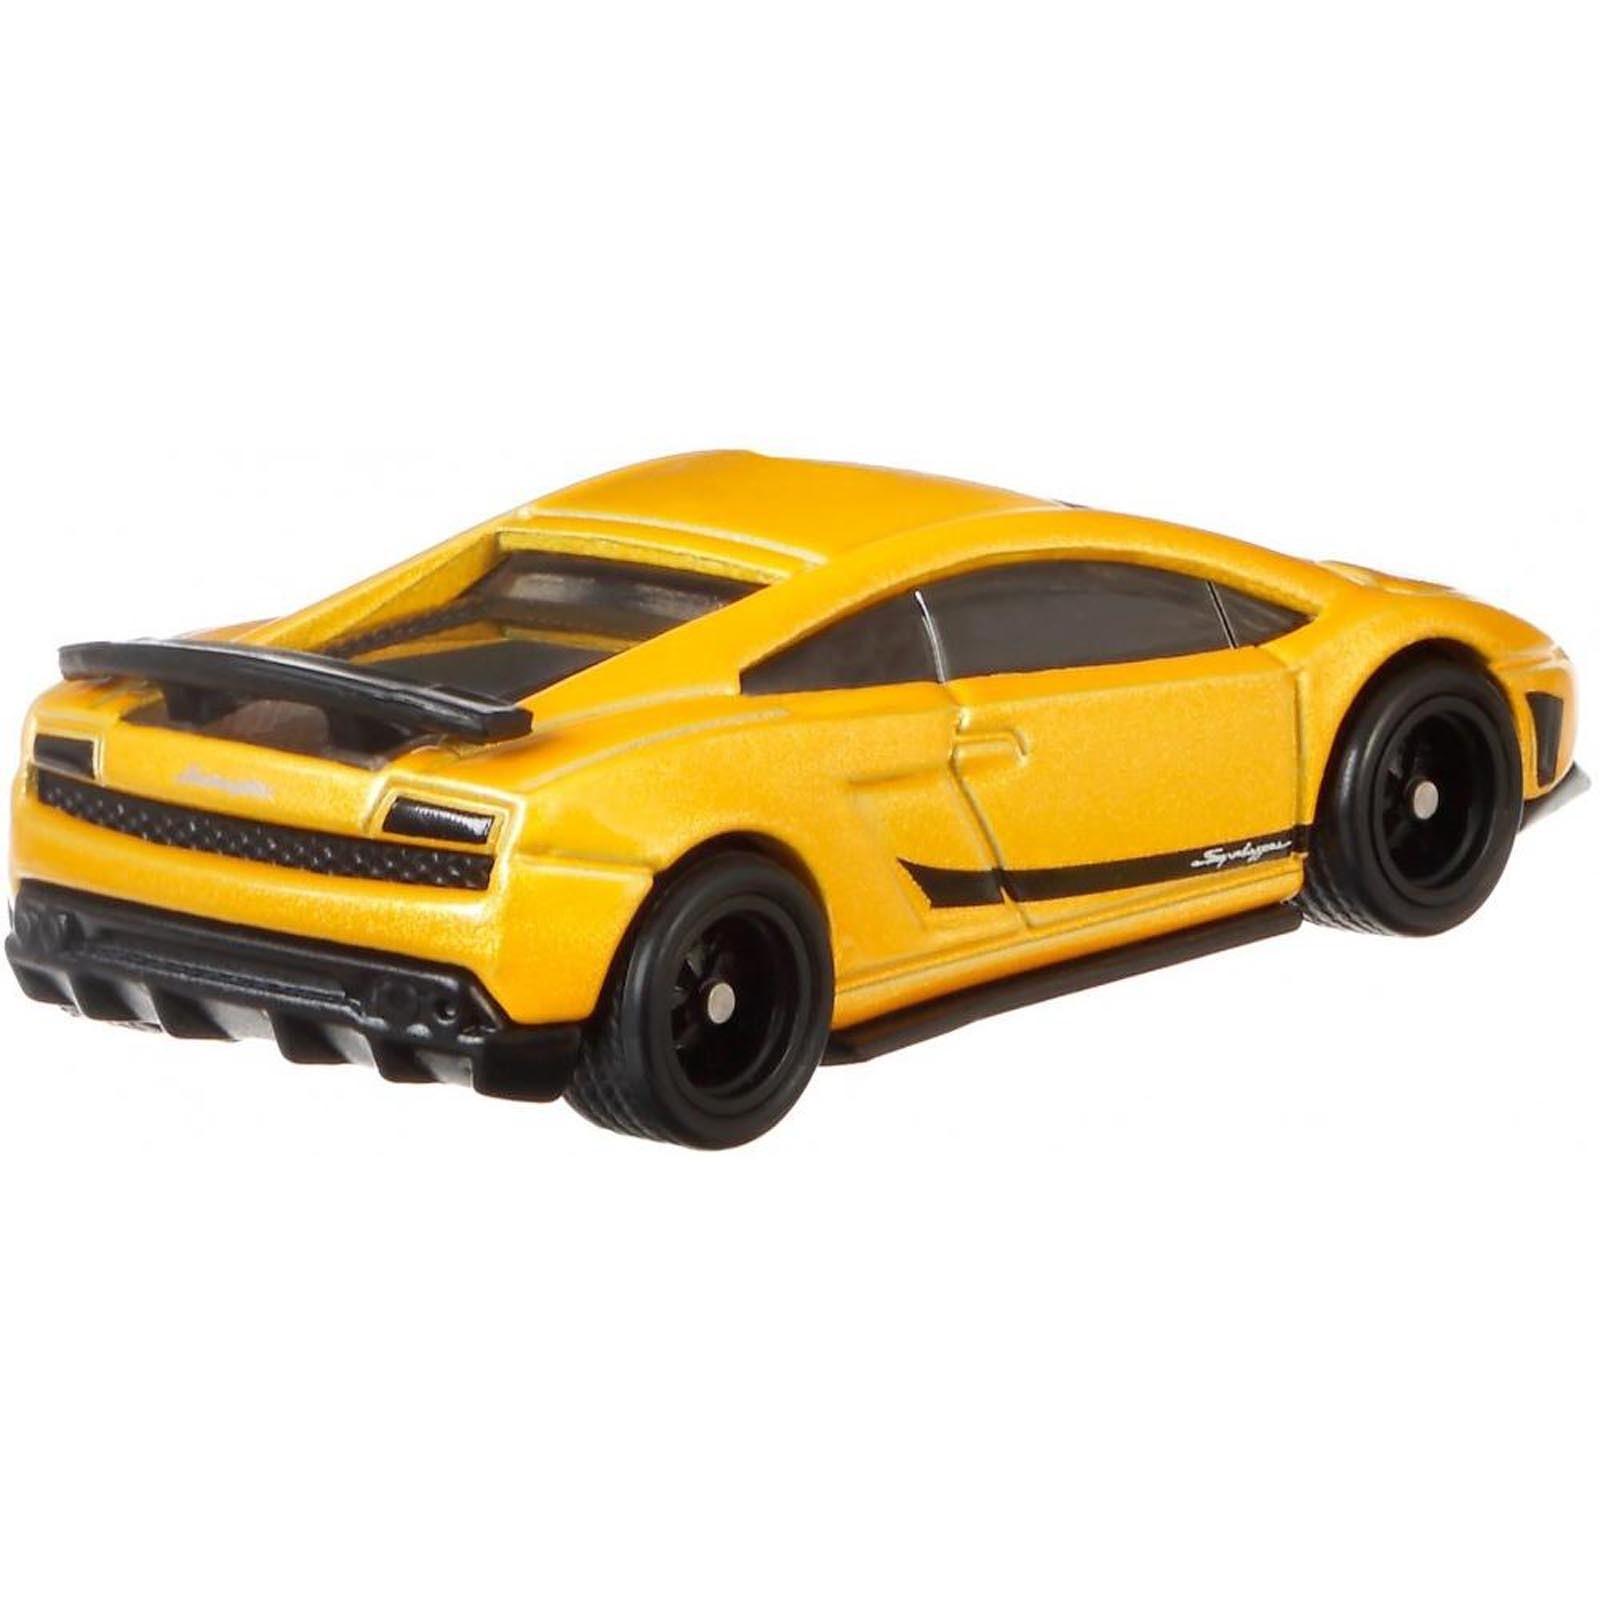 Hot Wheels - Set de 5 Miniaturas - Velozes e Furiosos - Lote A - GBW75